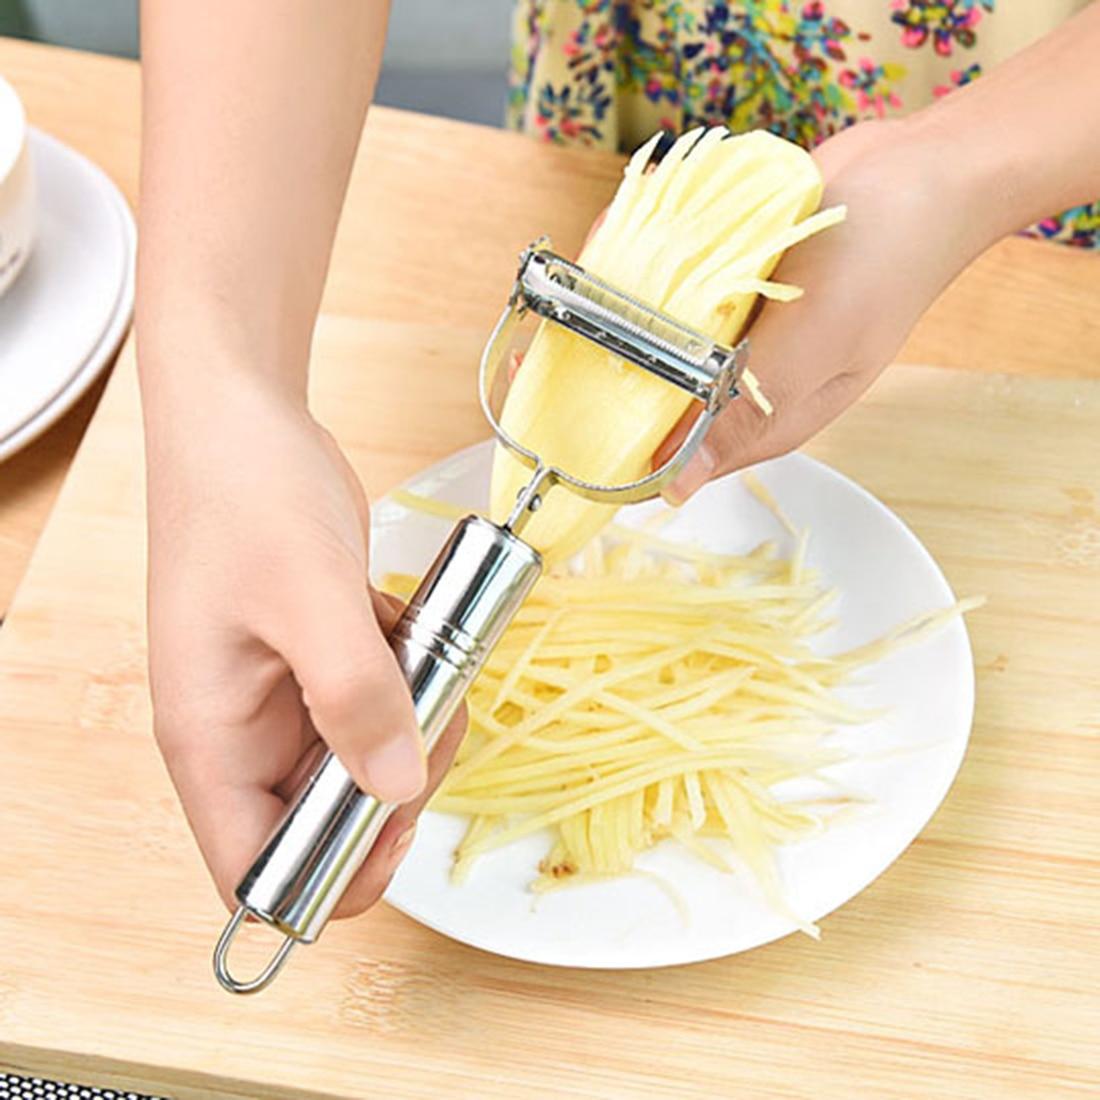 Дешевые практичные кухонные овощные инструменты из нержавеющей стали, терка для овощей, нож для нарезки картофеля, моркови, пилинг яблоко, фруктовые зестры